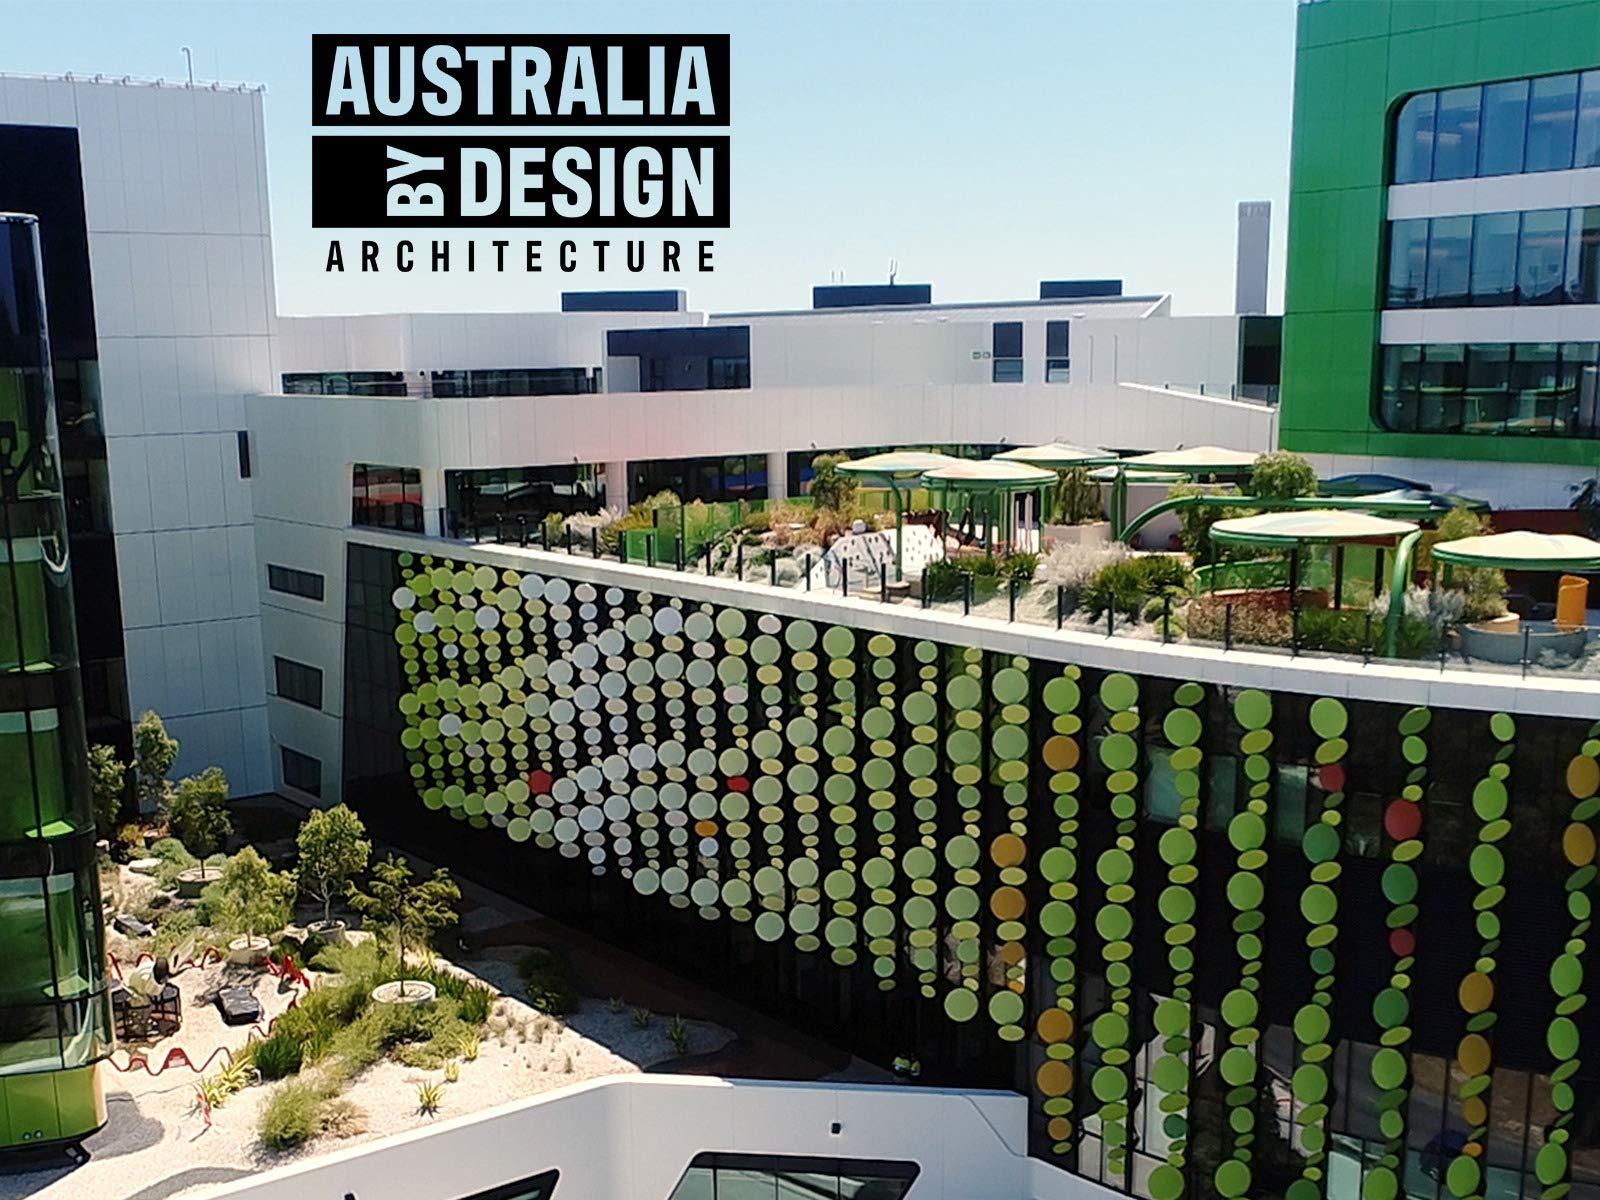 Australia By Design: Architecture - Season 4